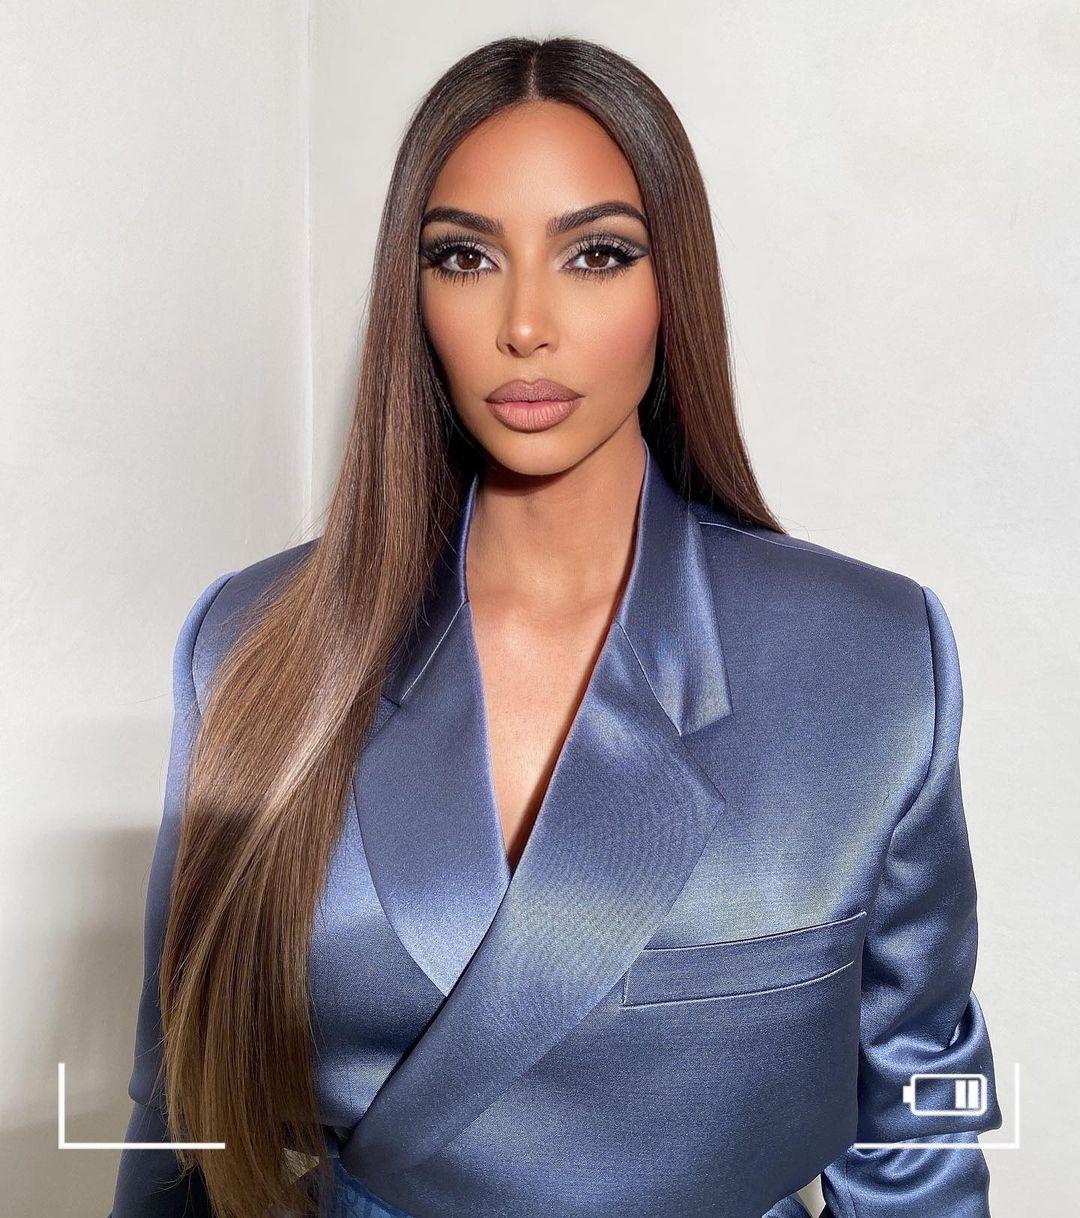 Жидкие волосы: повторяем прическу, от которой без ума звезды Голливуда - фото №2